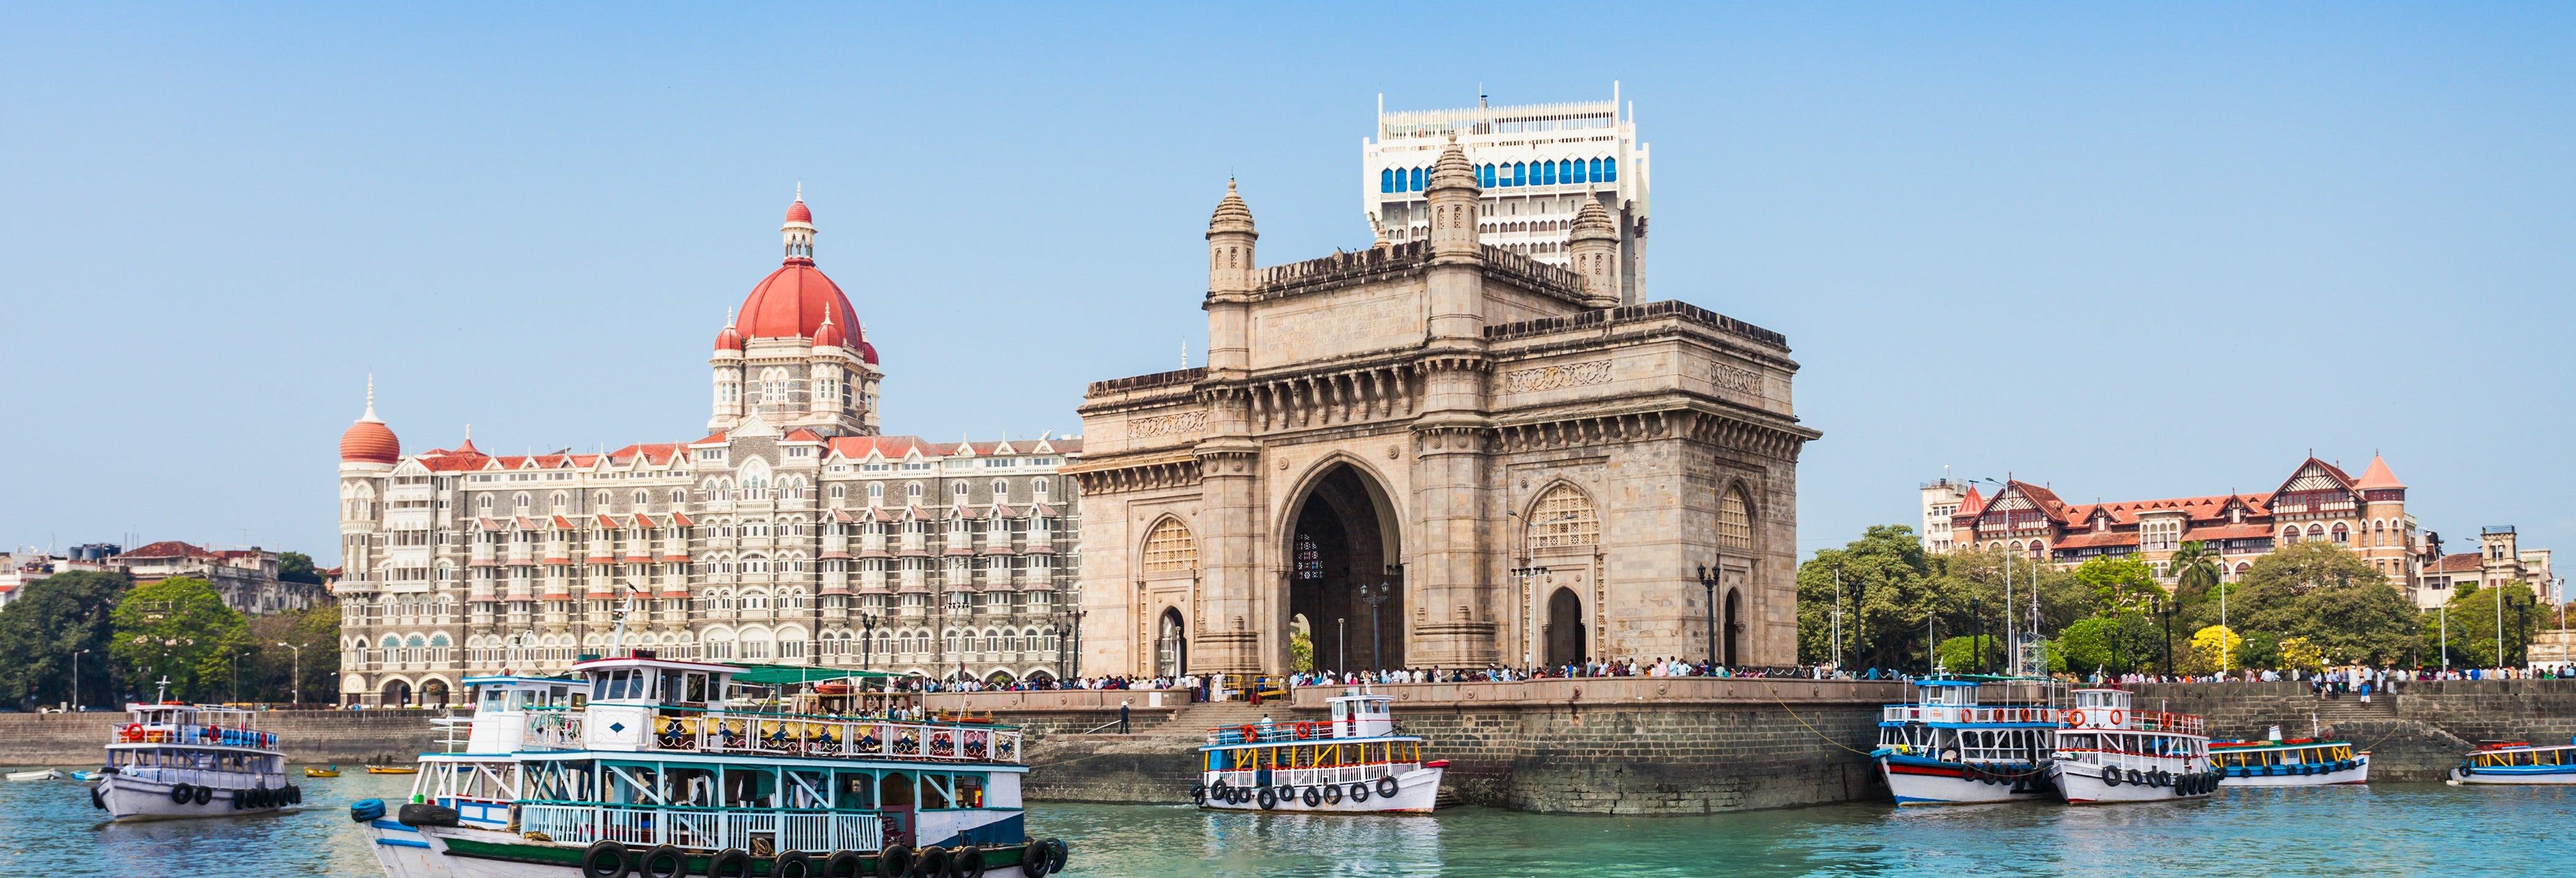 Visita guiada privada por Bombay